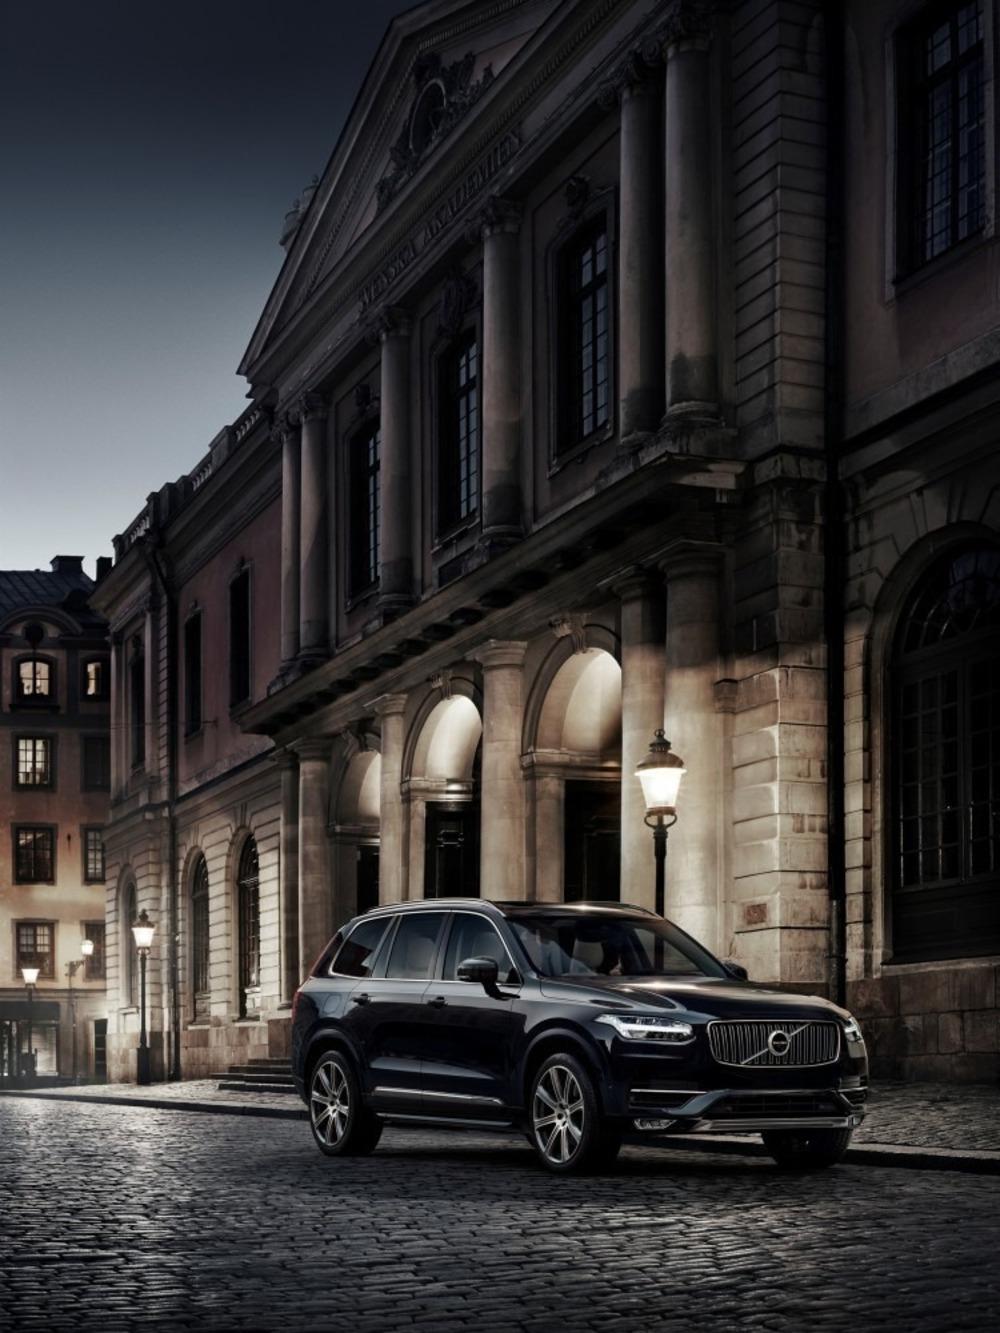 Diseño de Producto del Año, 9na Edición IDA: Volvo Cars por su All-New 2016 XC90. Foto: Volvo Cars